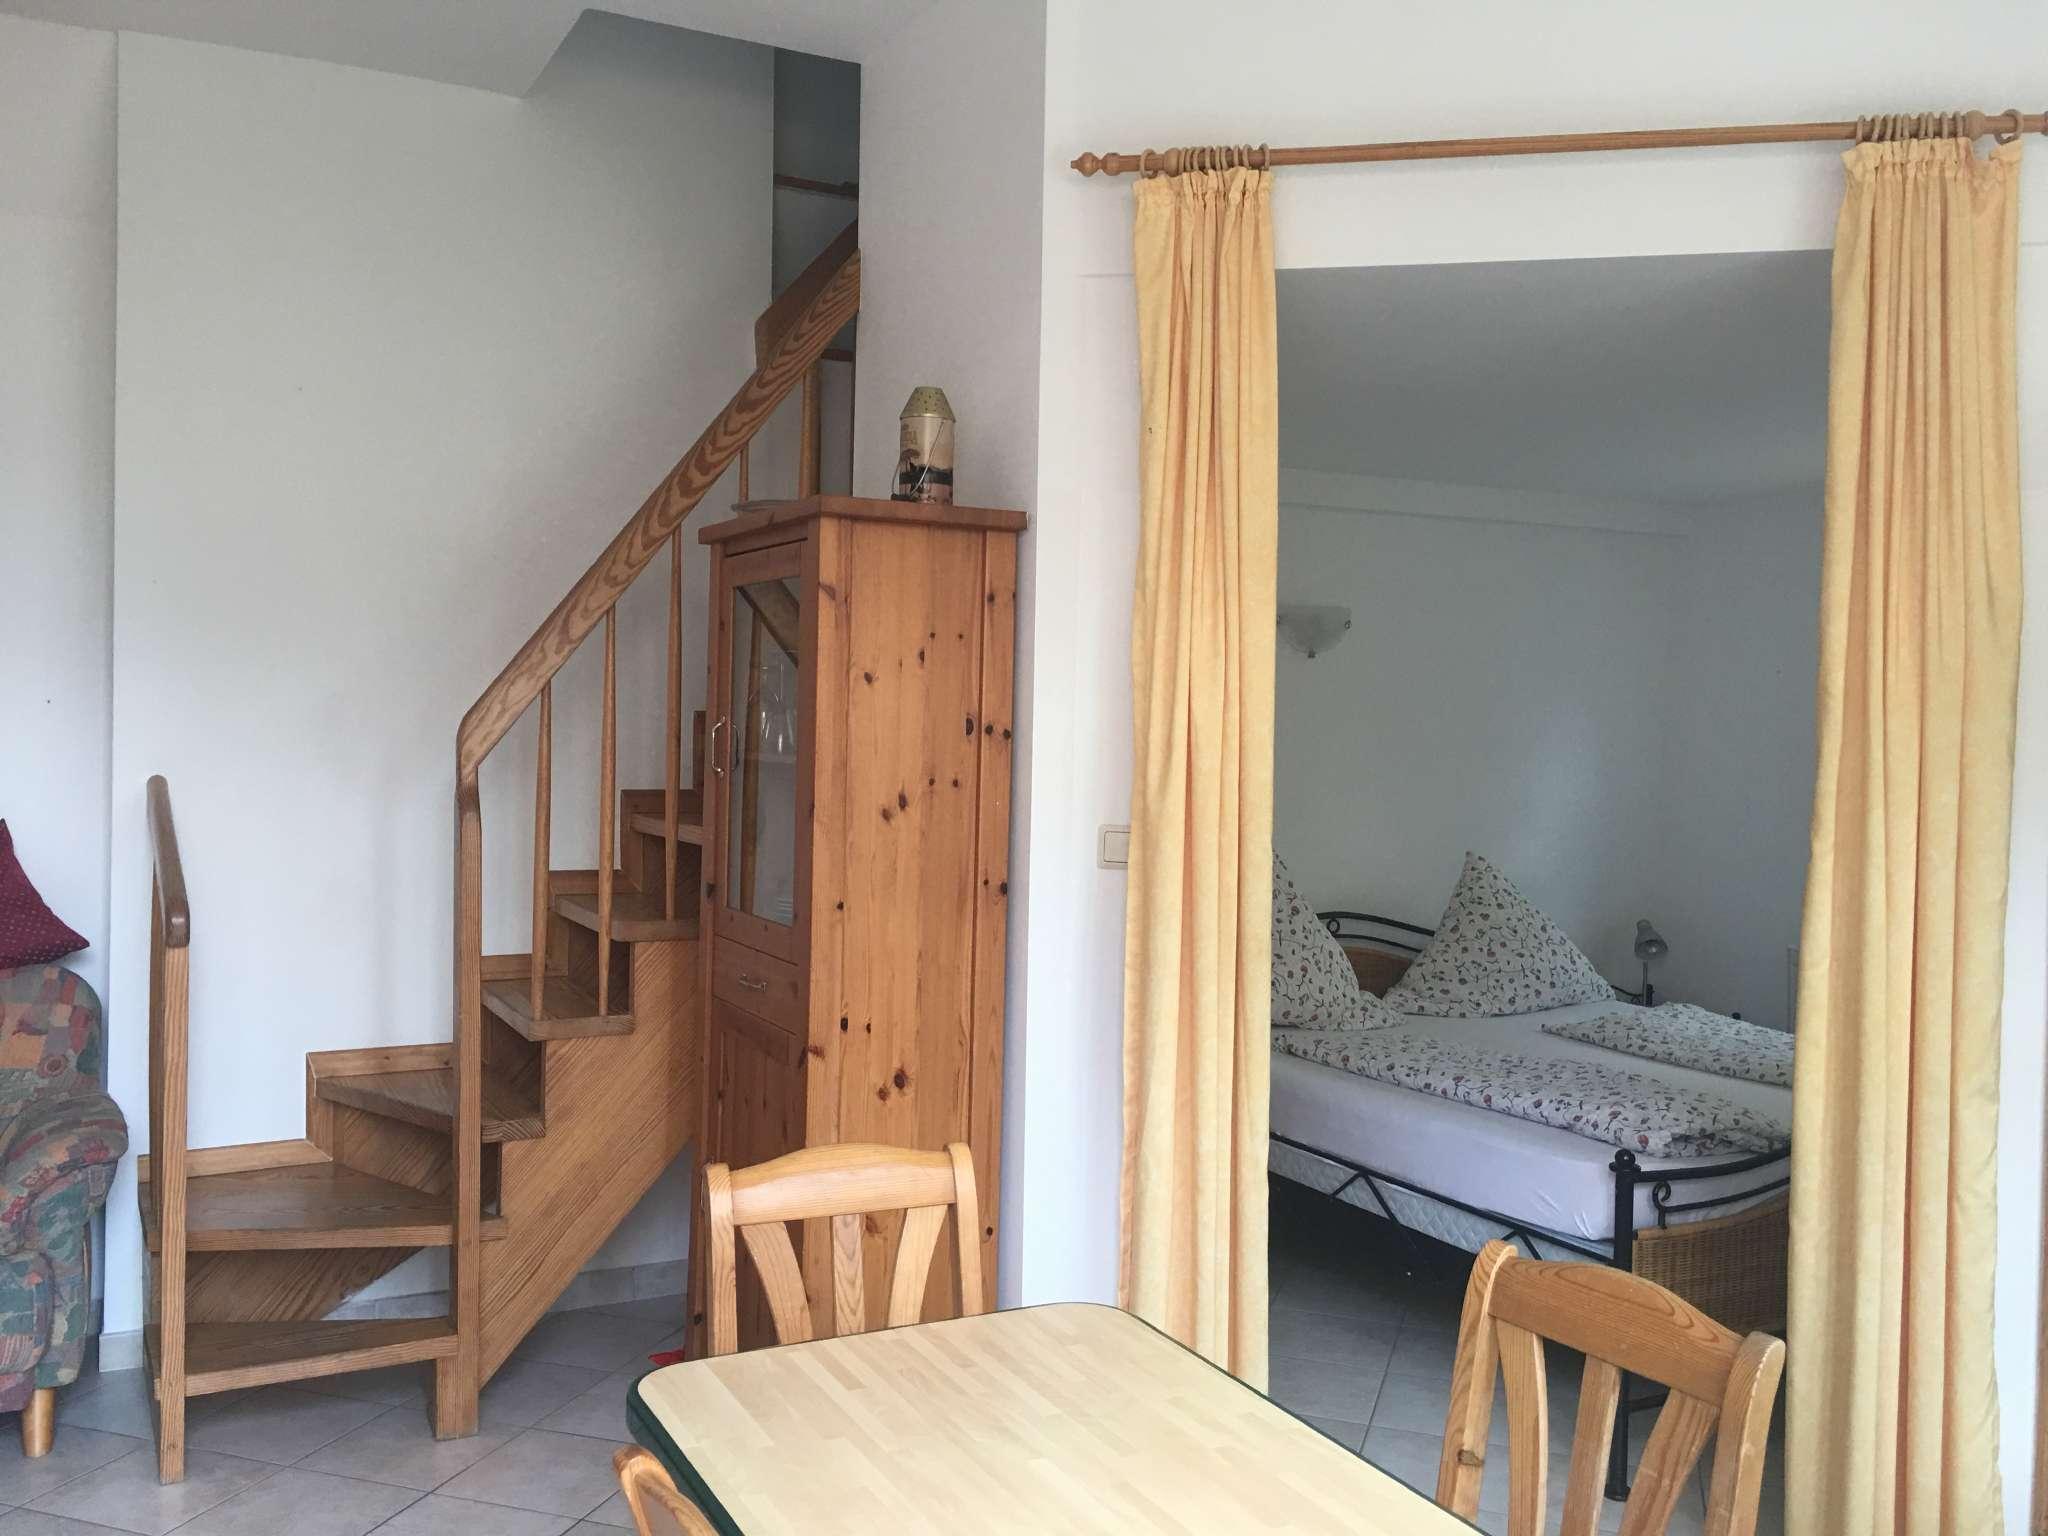 kleine Treppe in das obere Kinderzimmer